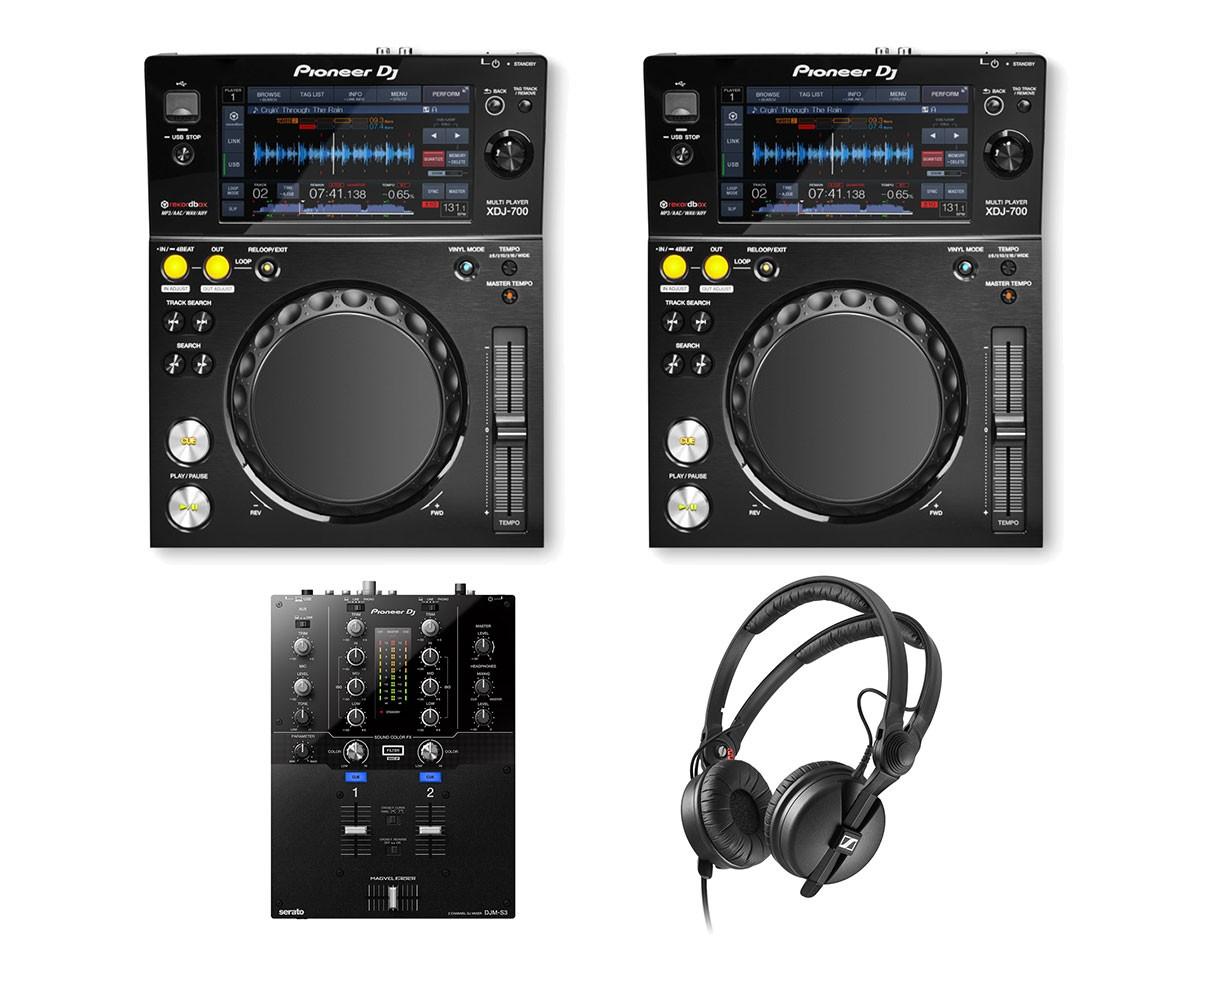 2x Pioneer XDJ-700 + DJM-S3 + HD 25